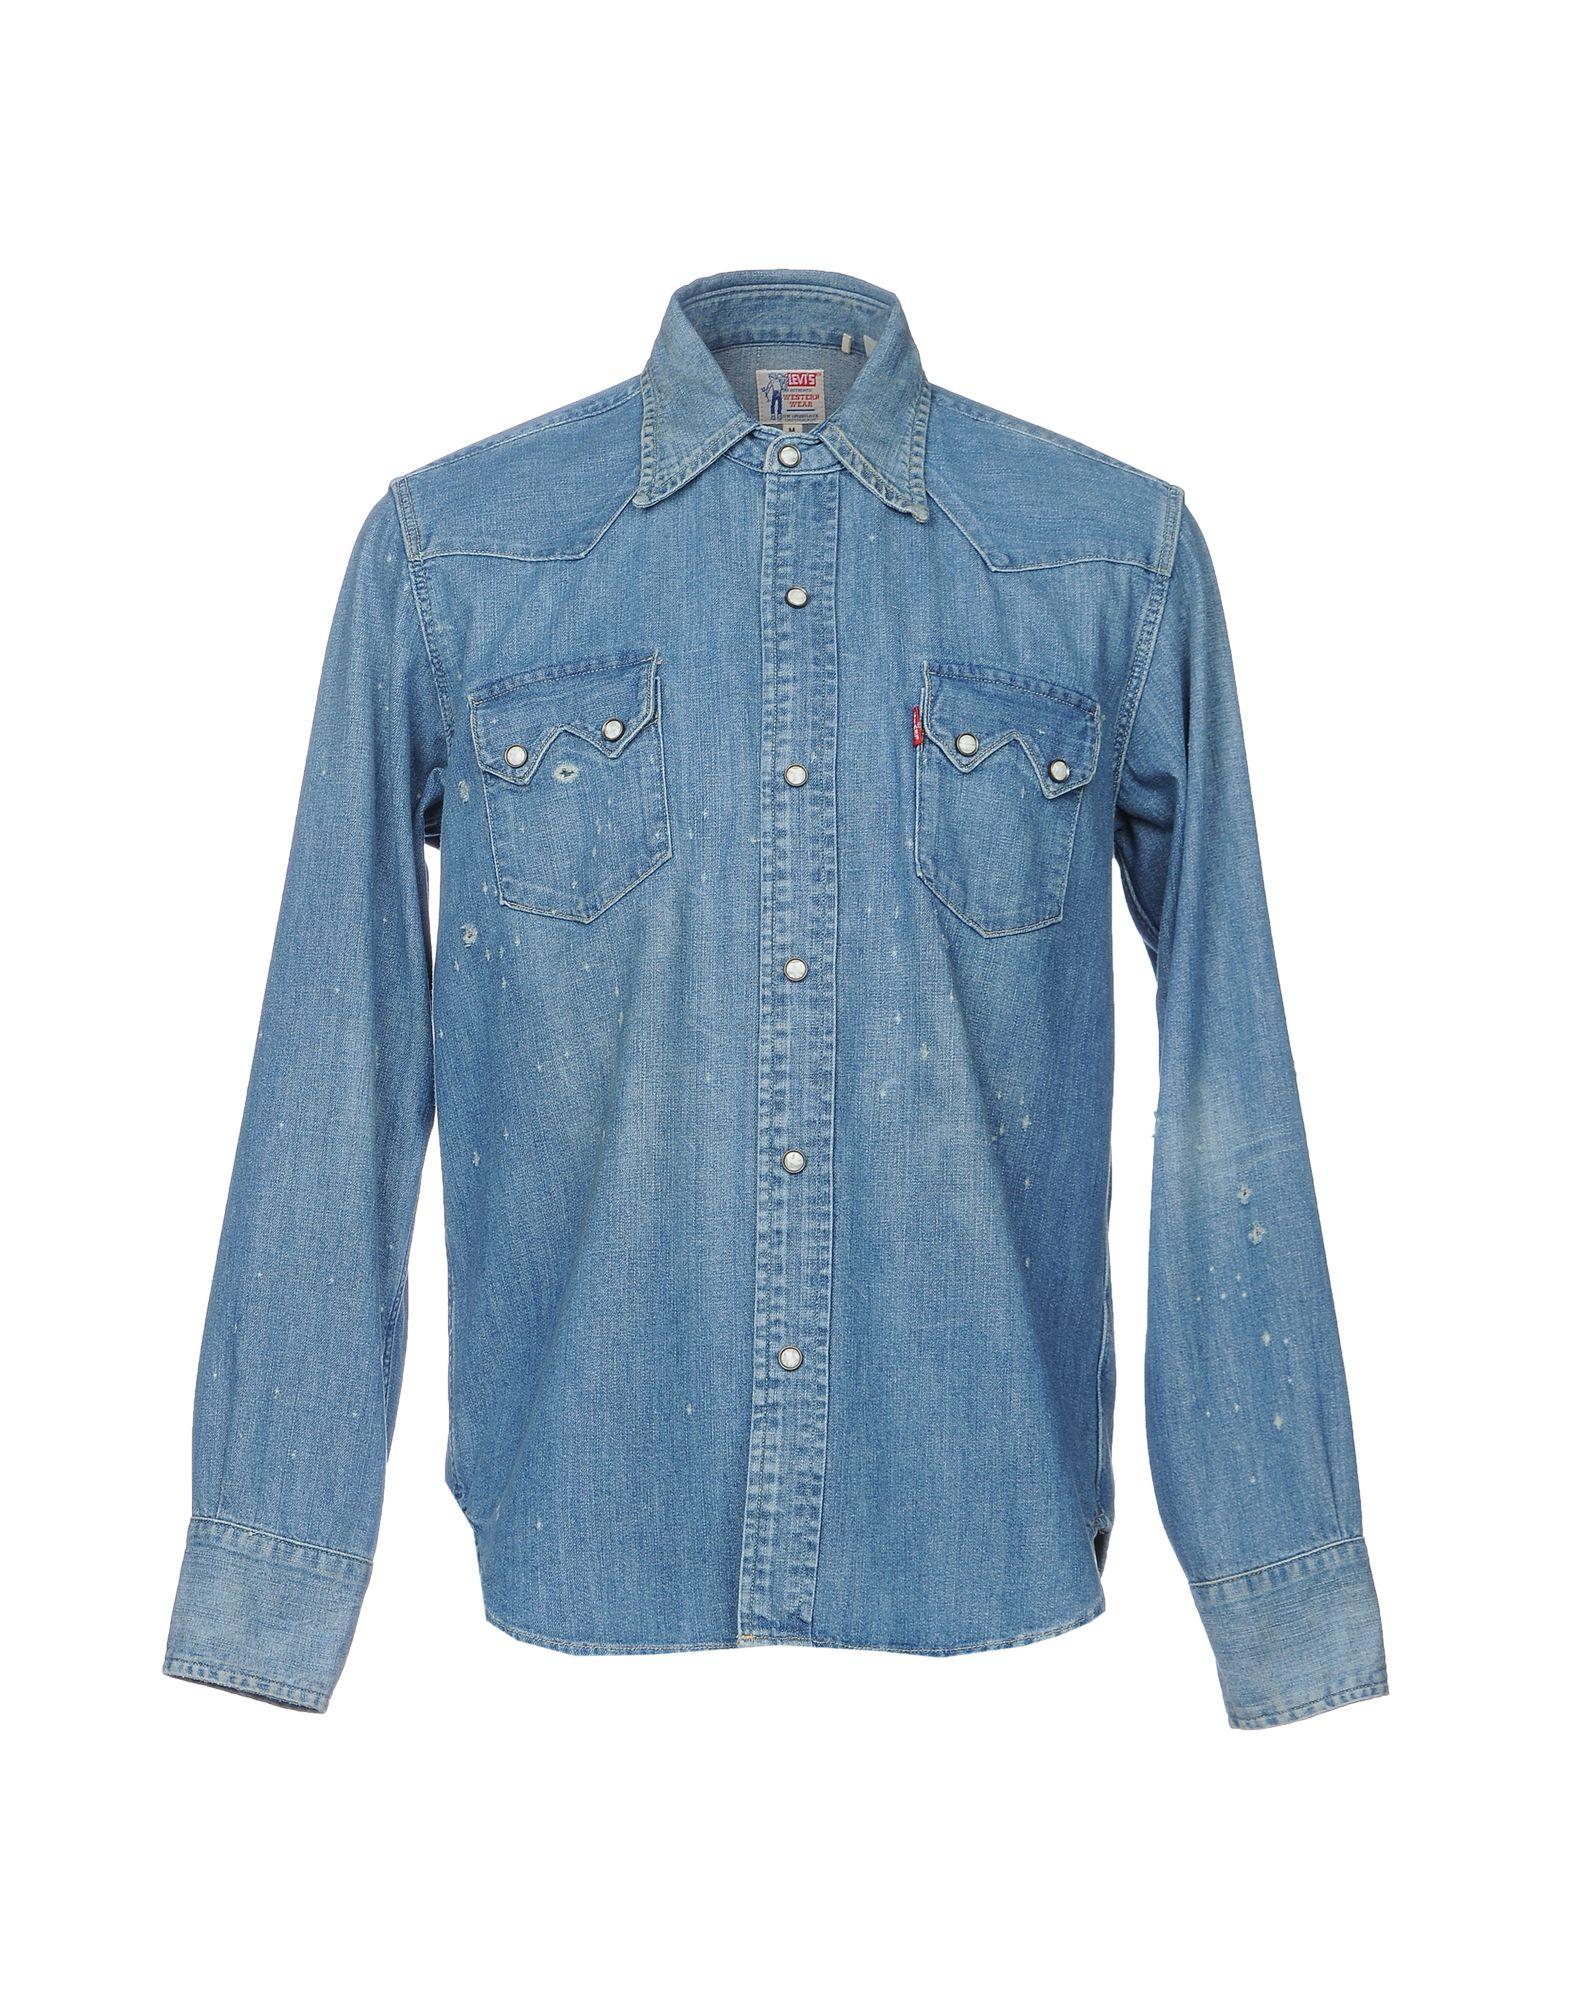 Camicia Jeans Levis Vintage Clothing Uomo - Acquista online su